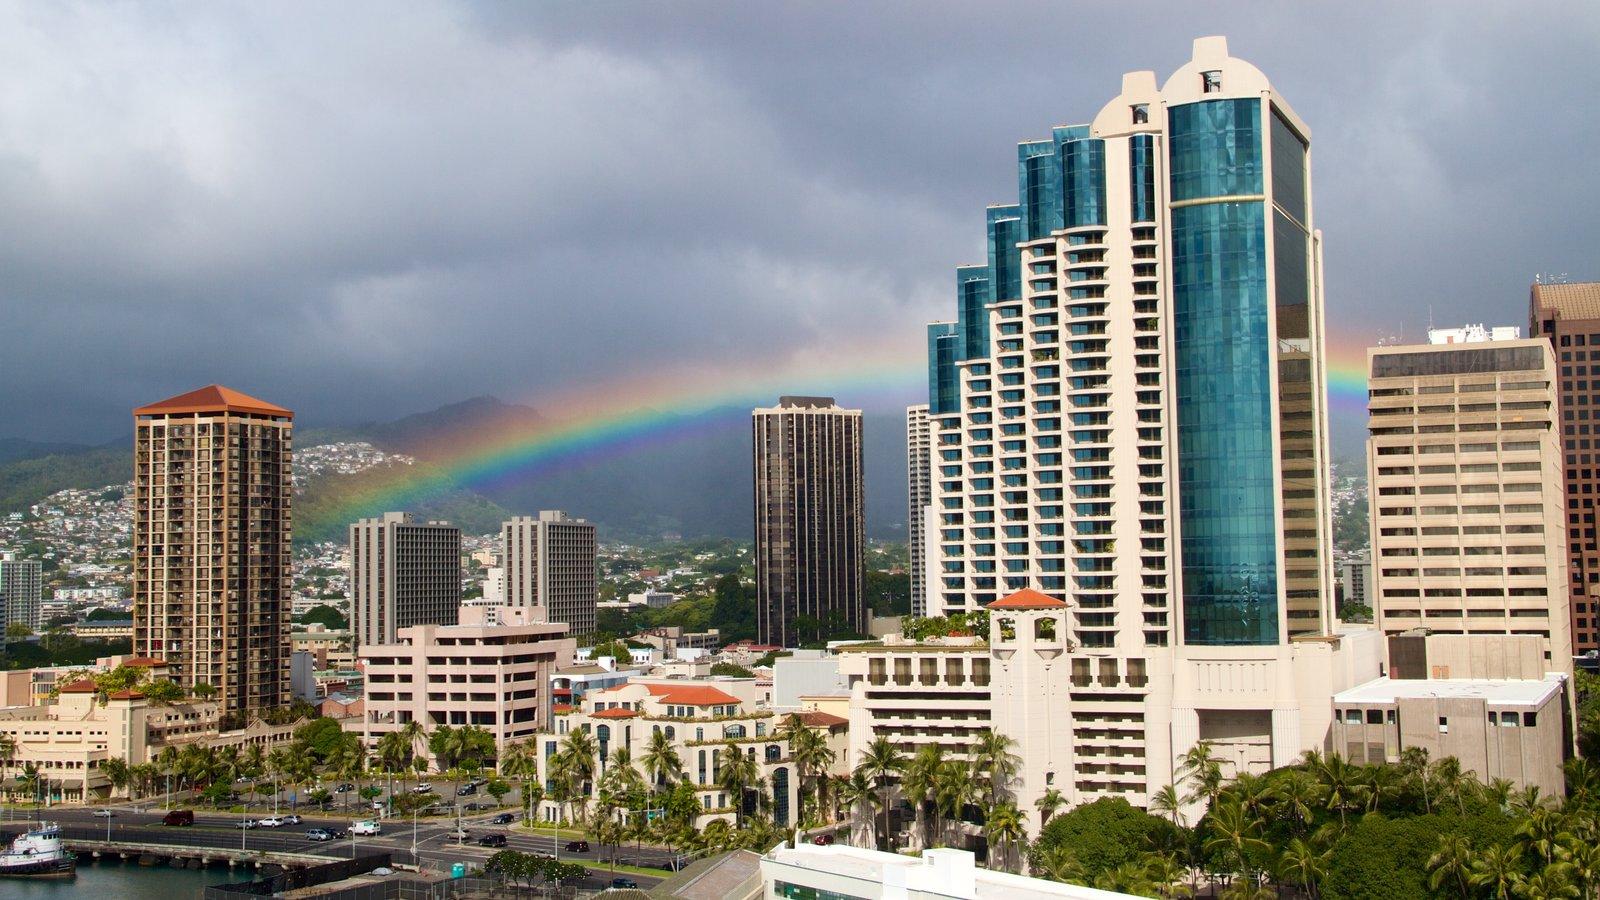 Honolulu mostrando linha do horizonte, uma cidade e arquitetura moderna